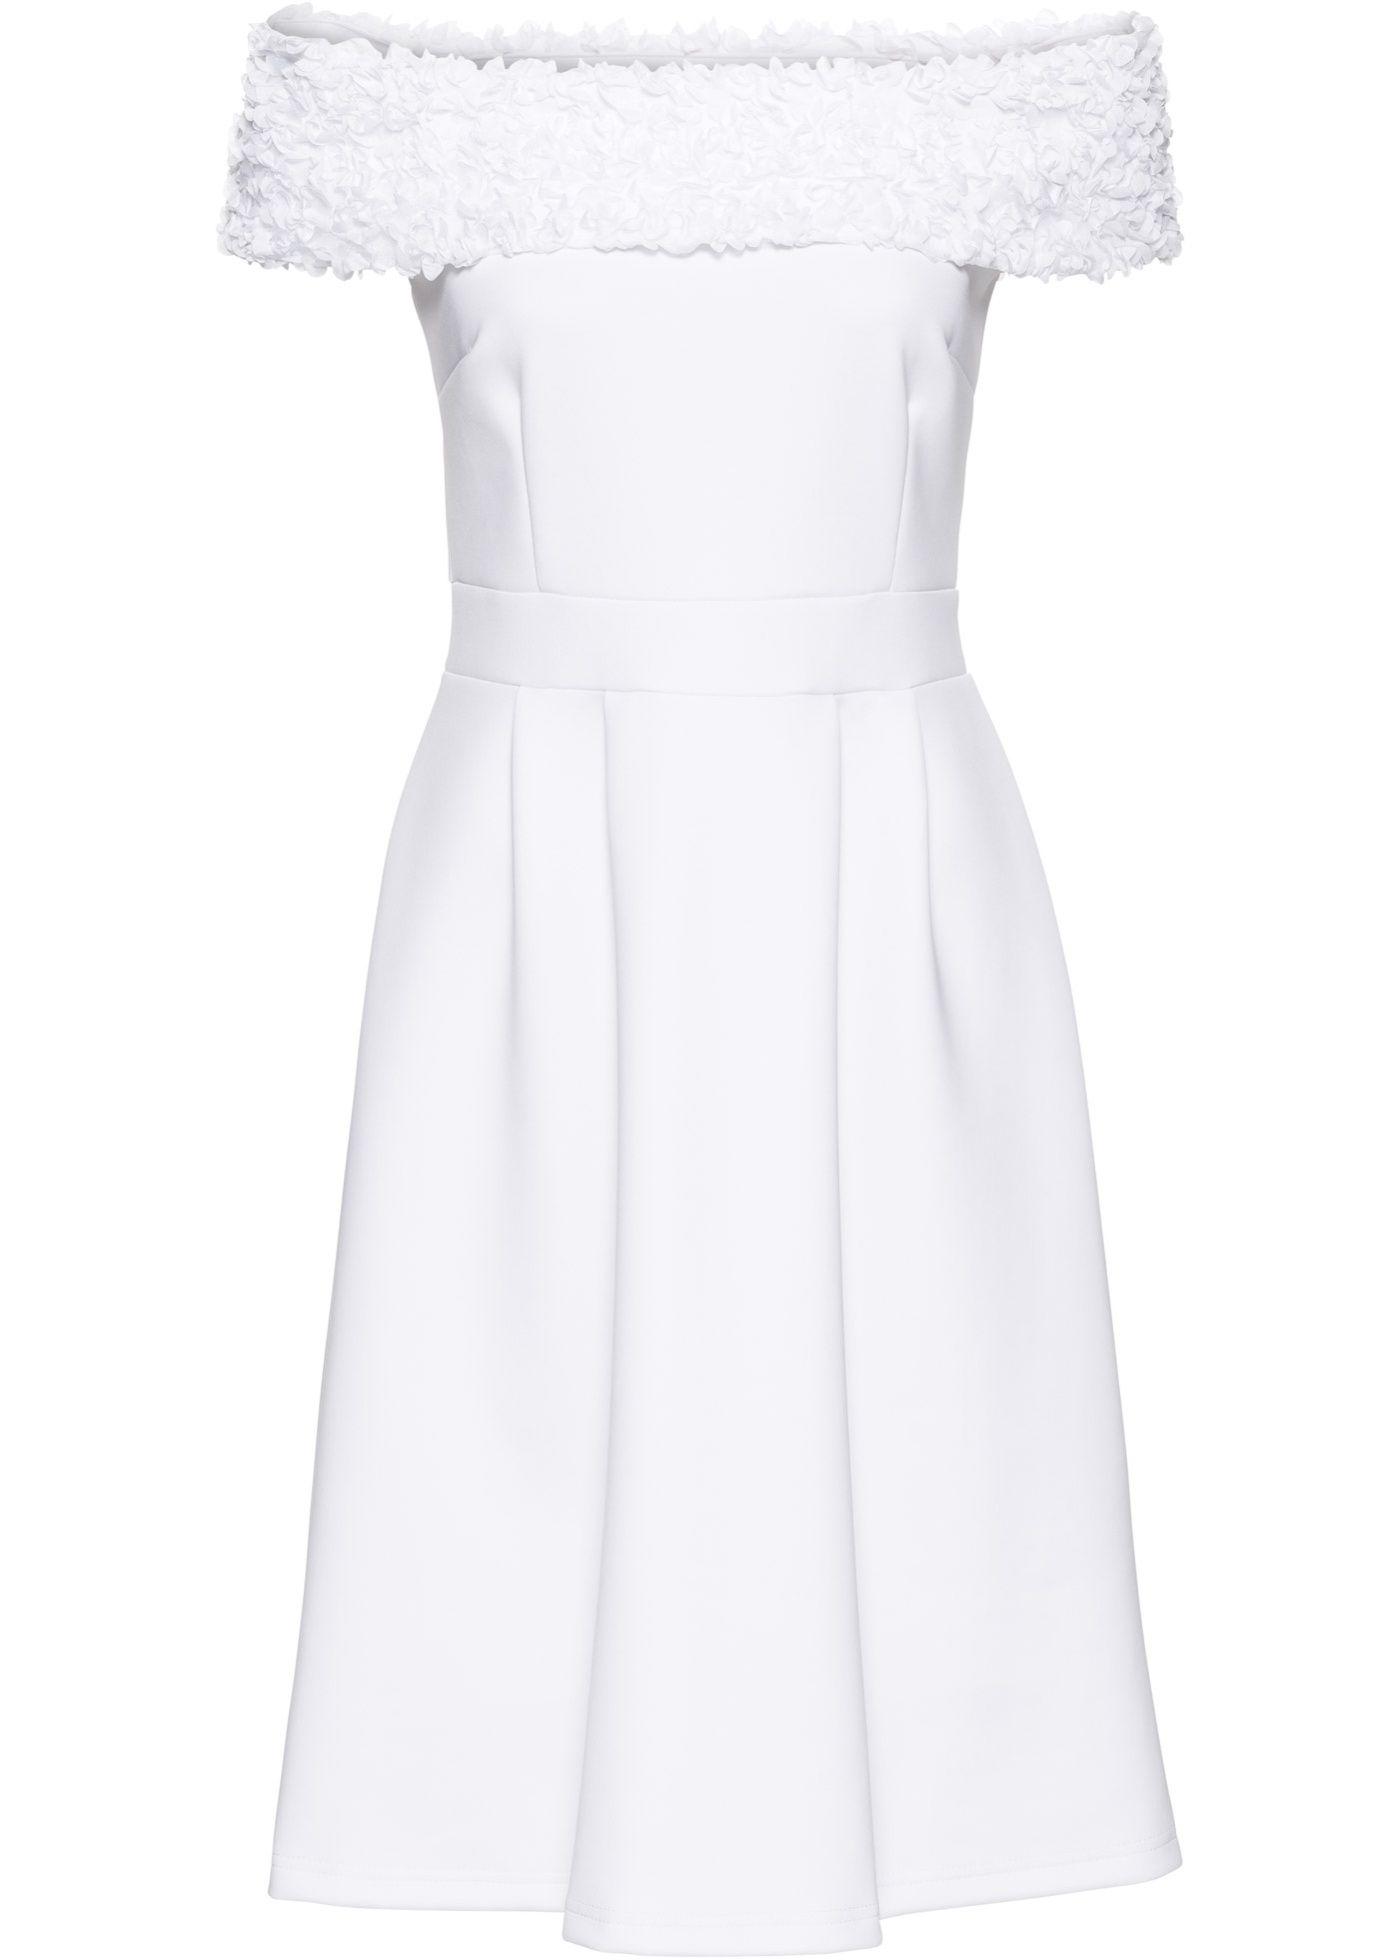 kleid weiß - bodyflirt boutique jetzt im online shop von